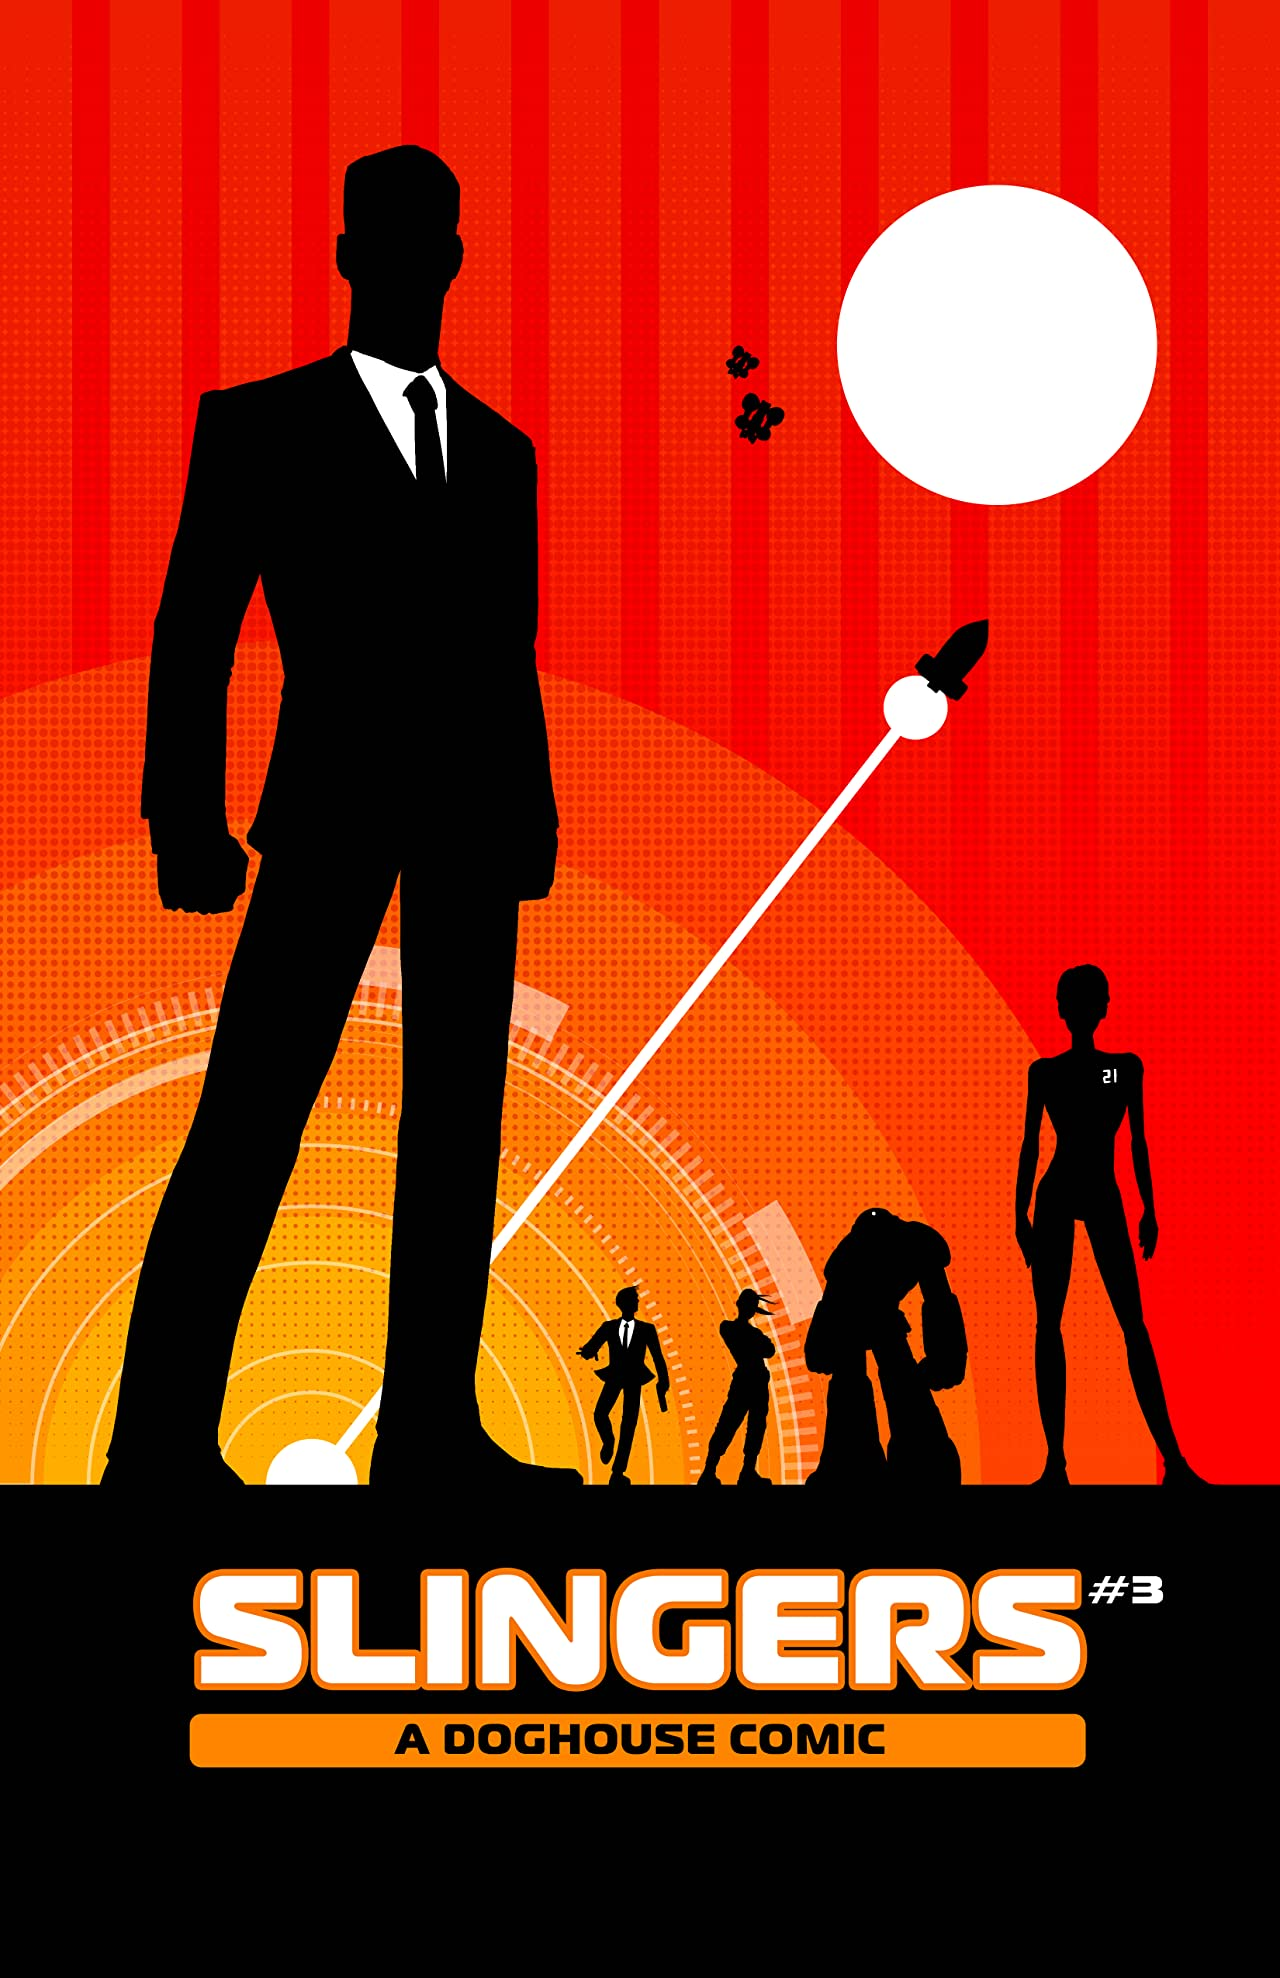 Slingers #3